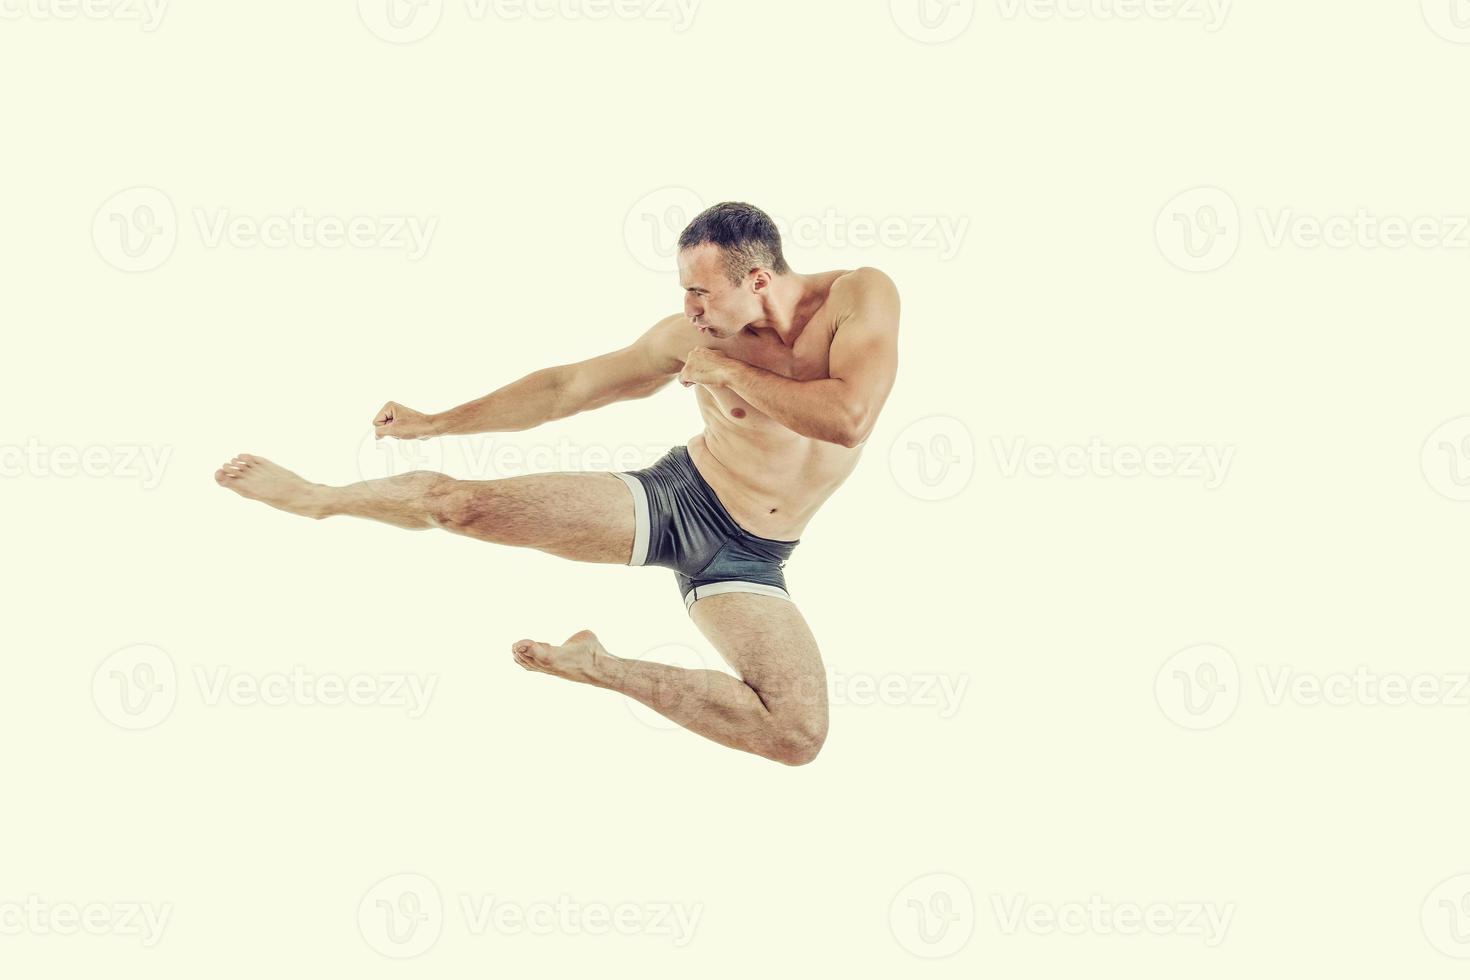 Ein kaukasischer Mann, der das Boxen beim Springen in die Luft ausübt, tritt foto